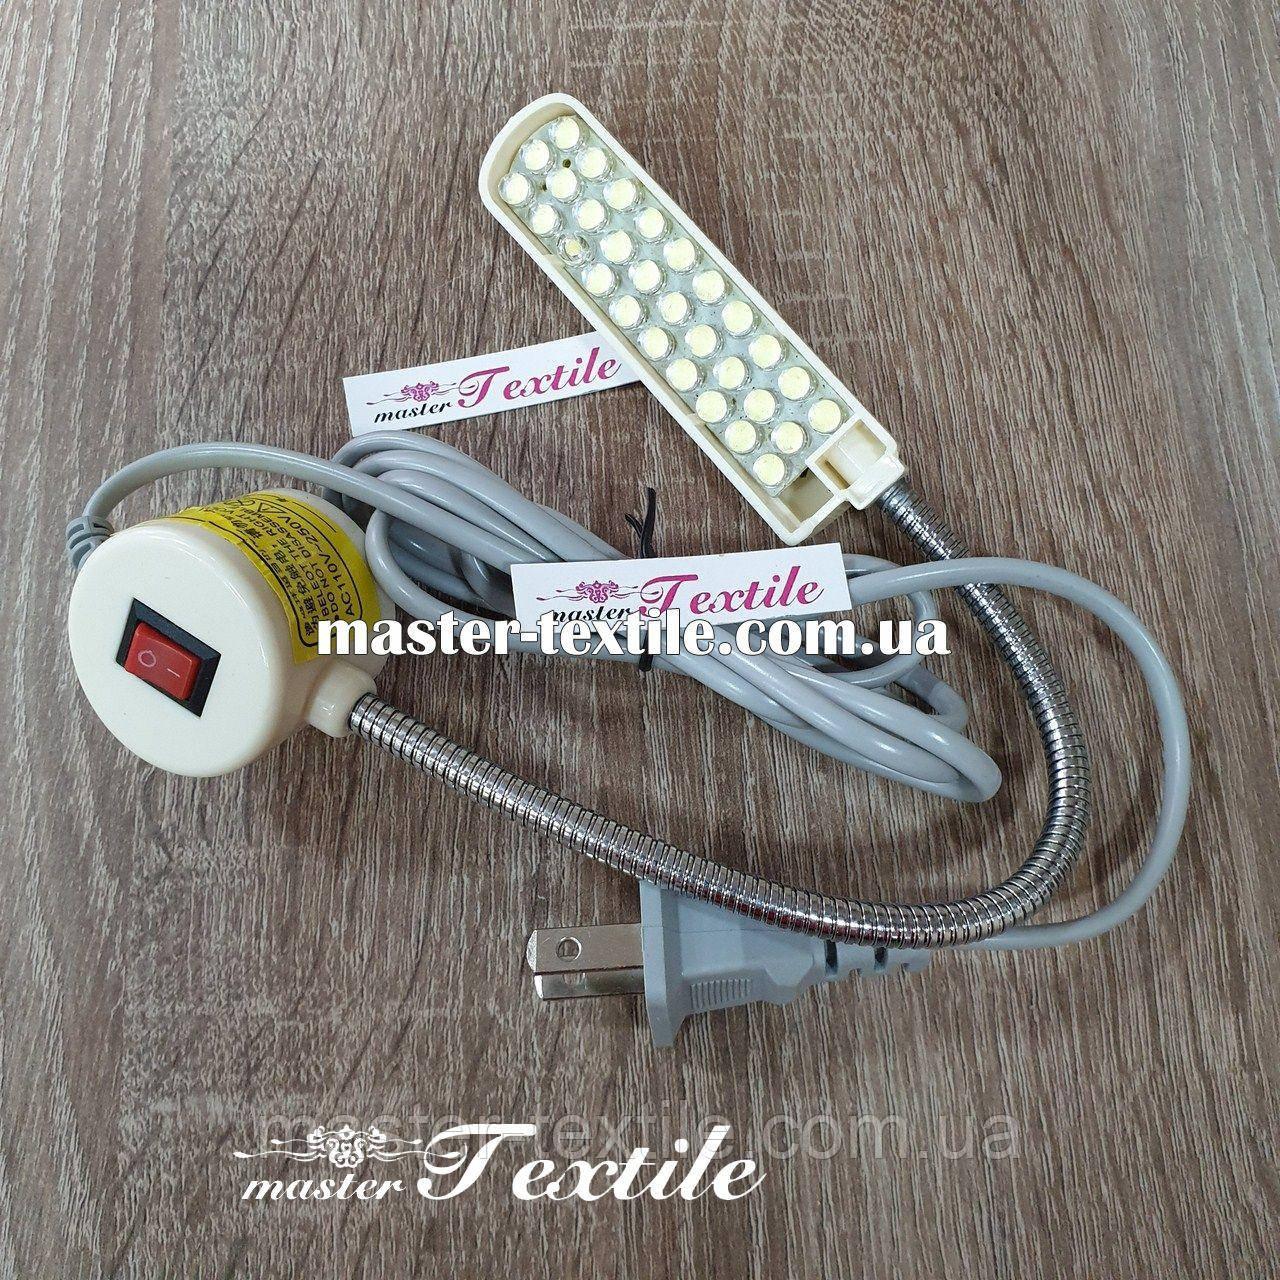 Светильник для швейной машины светодиодный